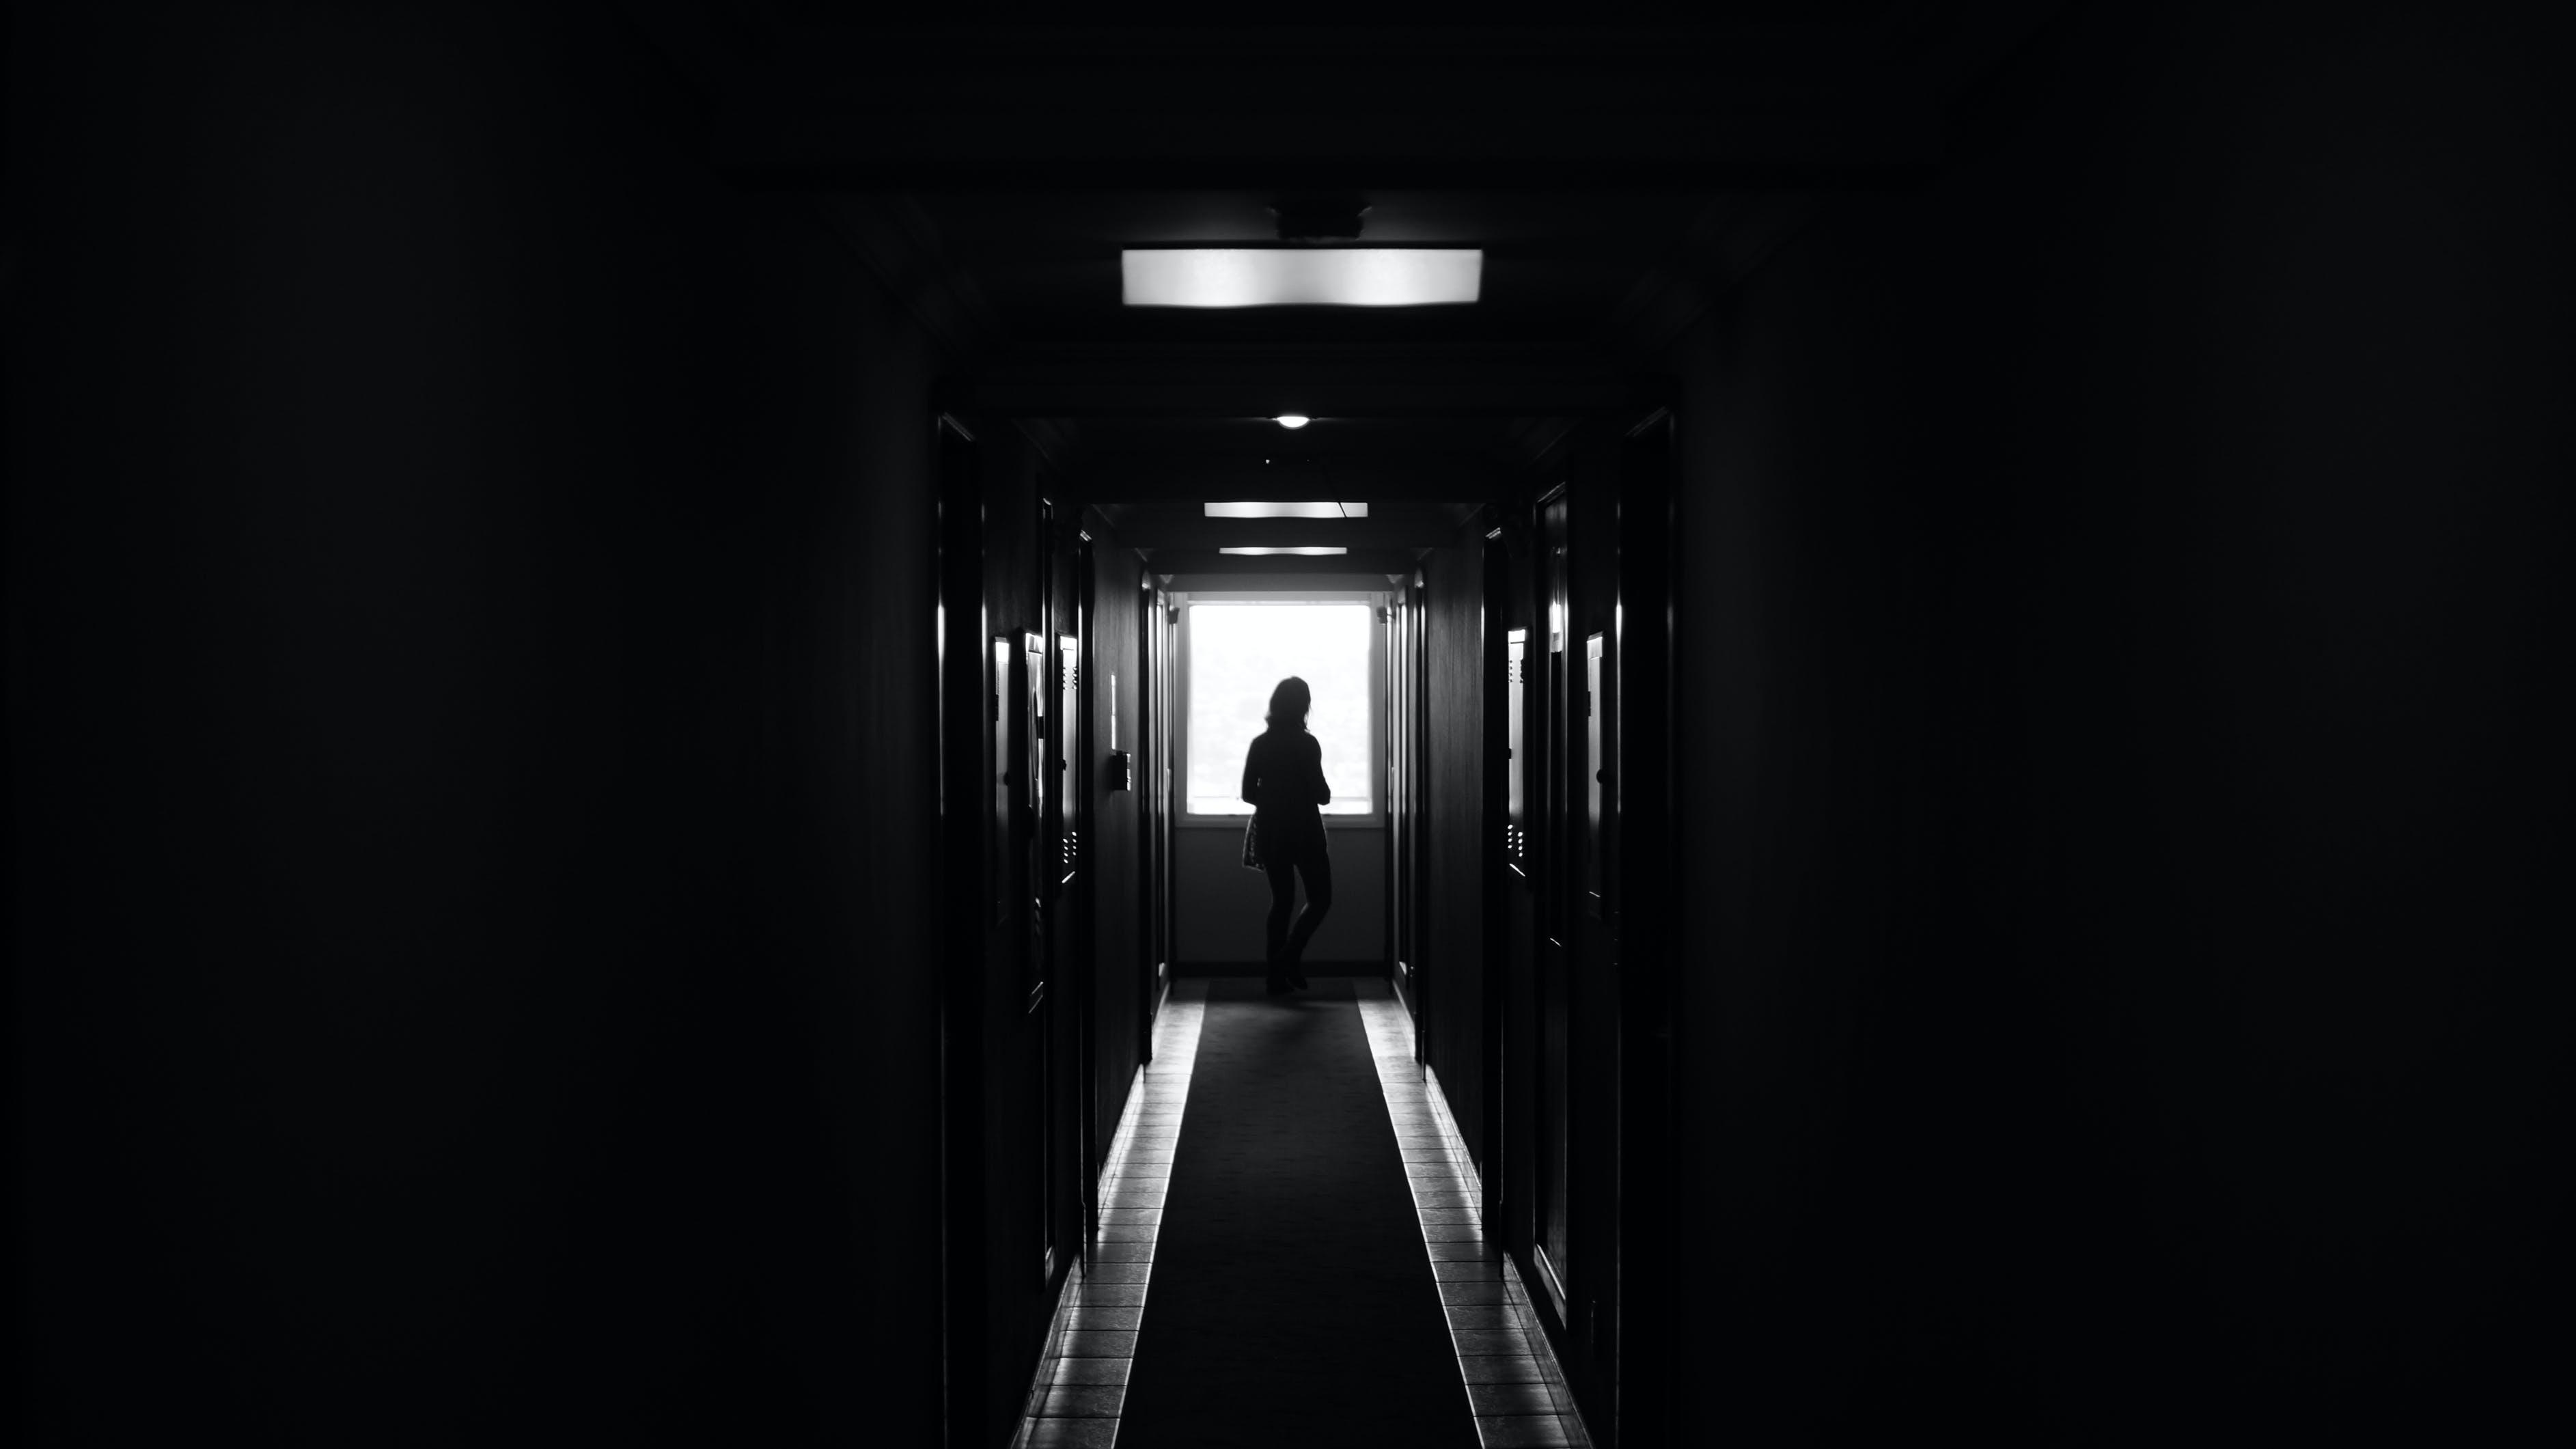 Kostenloses Stock Foto zu architektur, drinnen, dunkel, flur